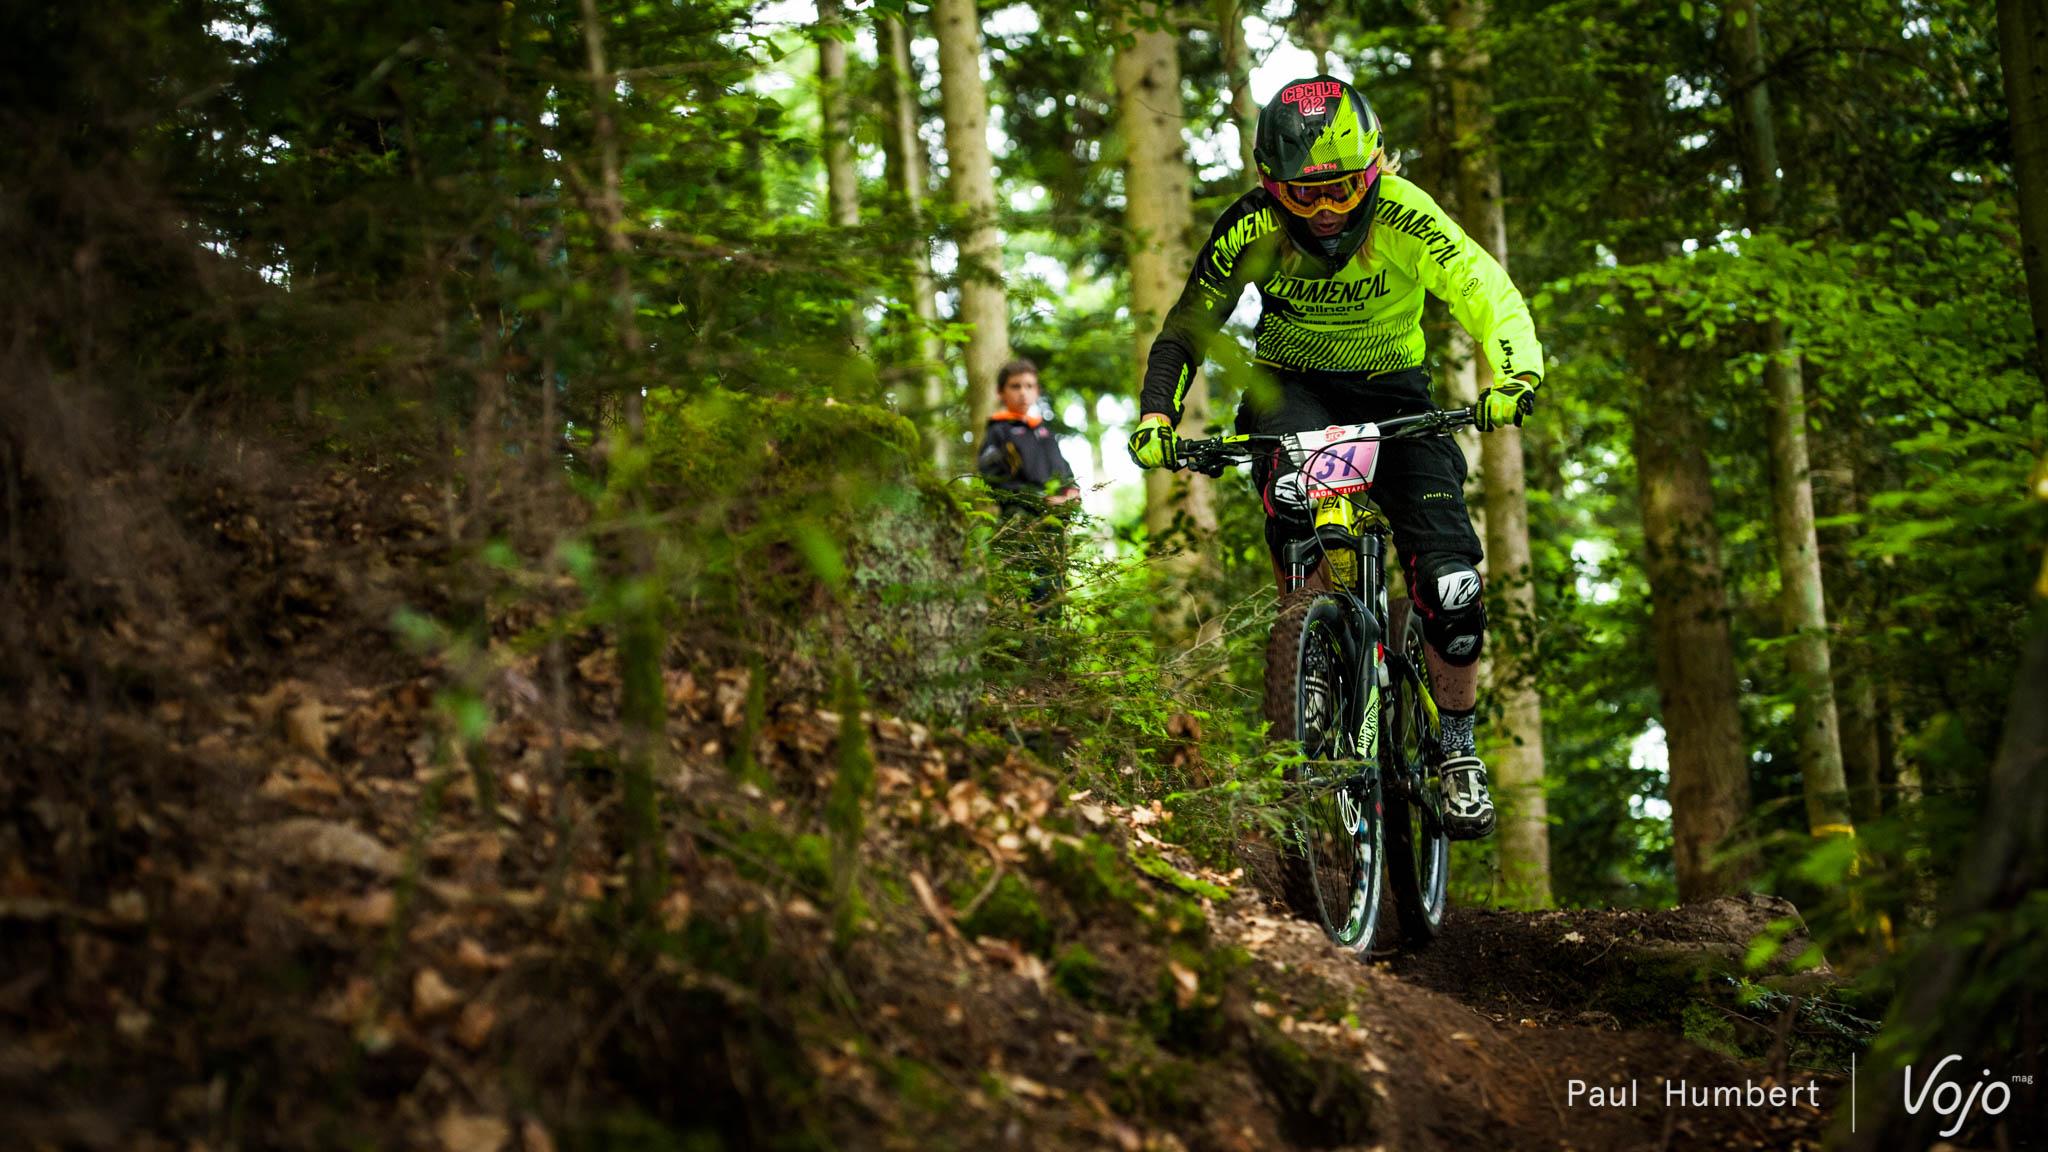 Raon-l-etape-vojo-2016-paul-humbert-23